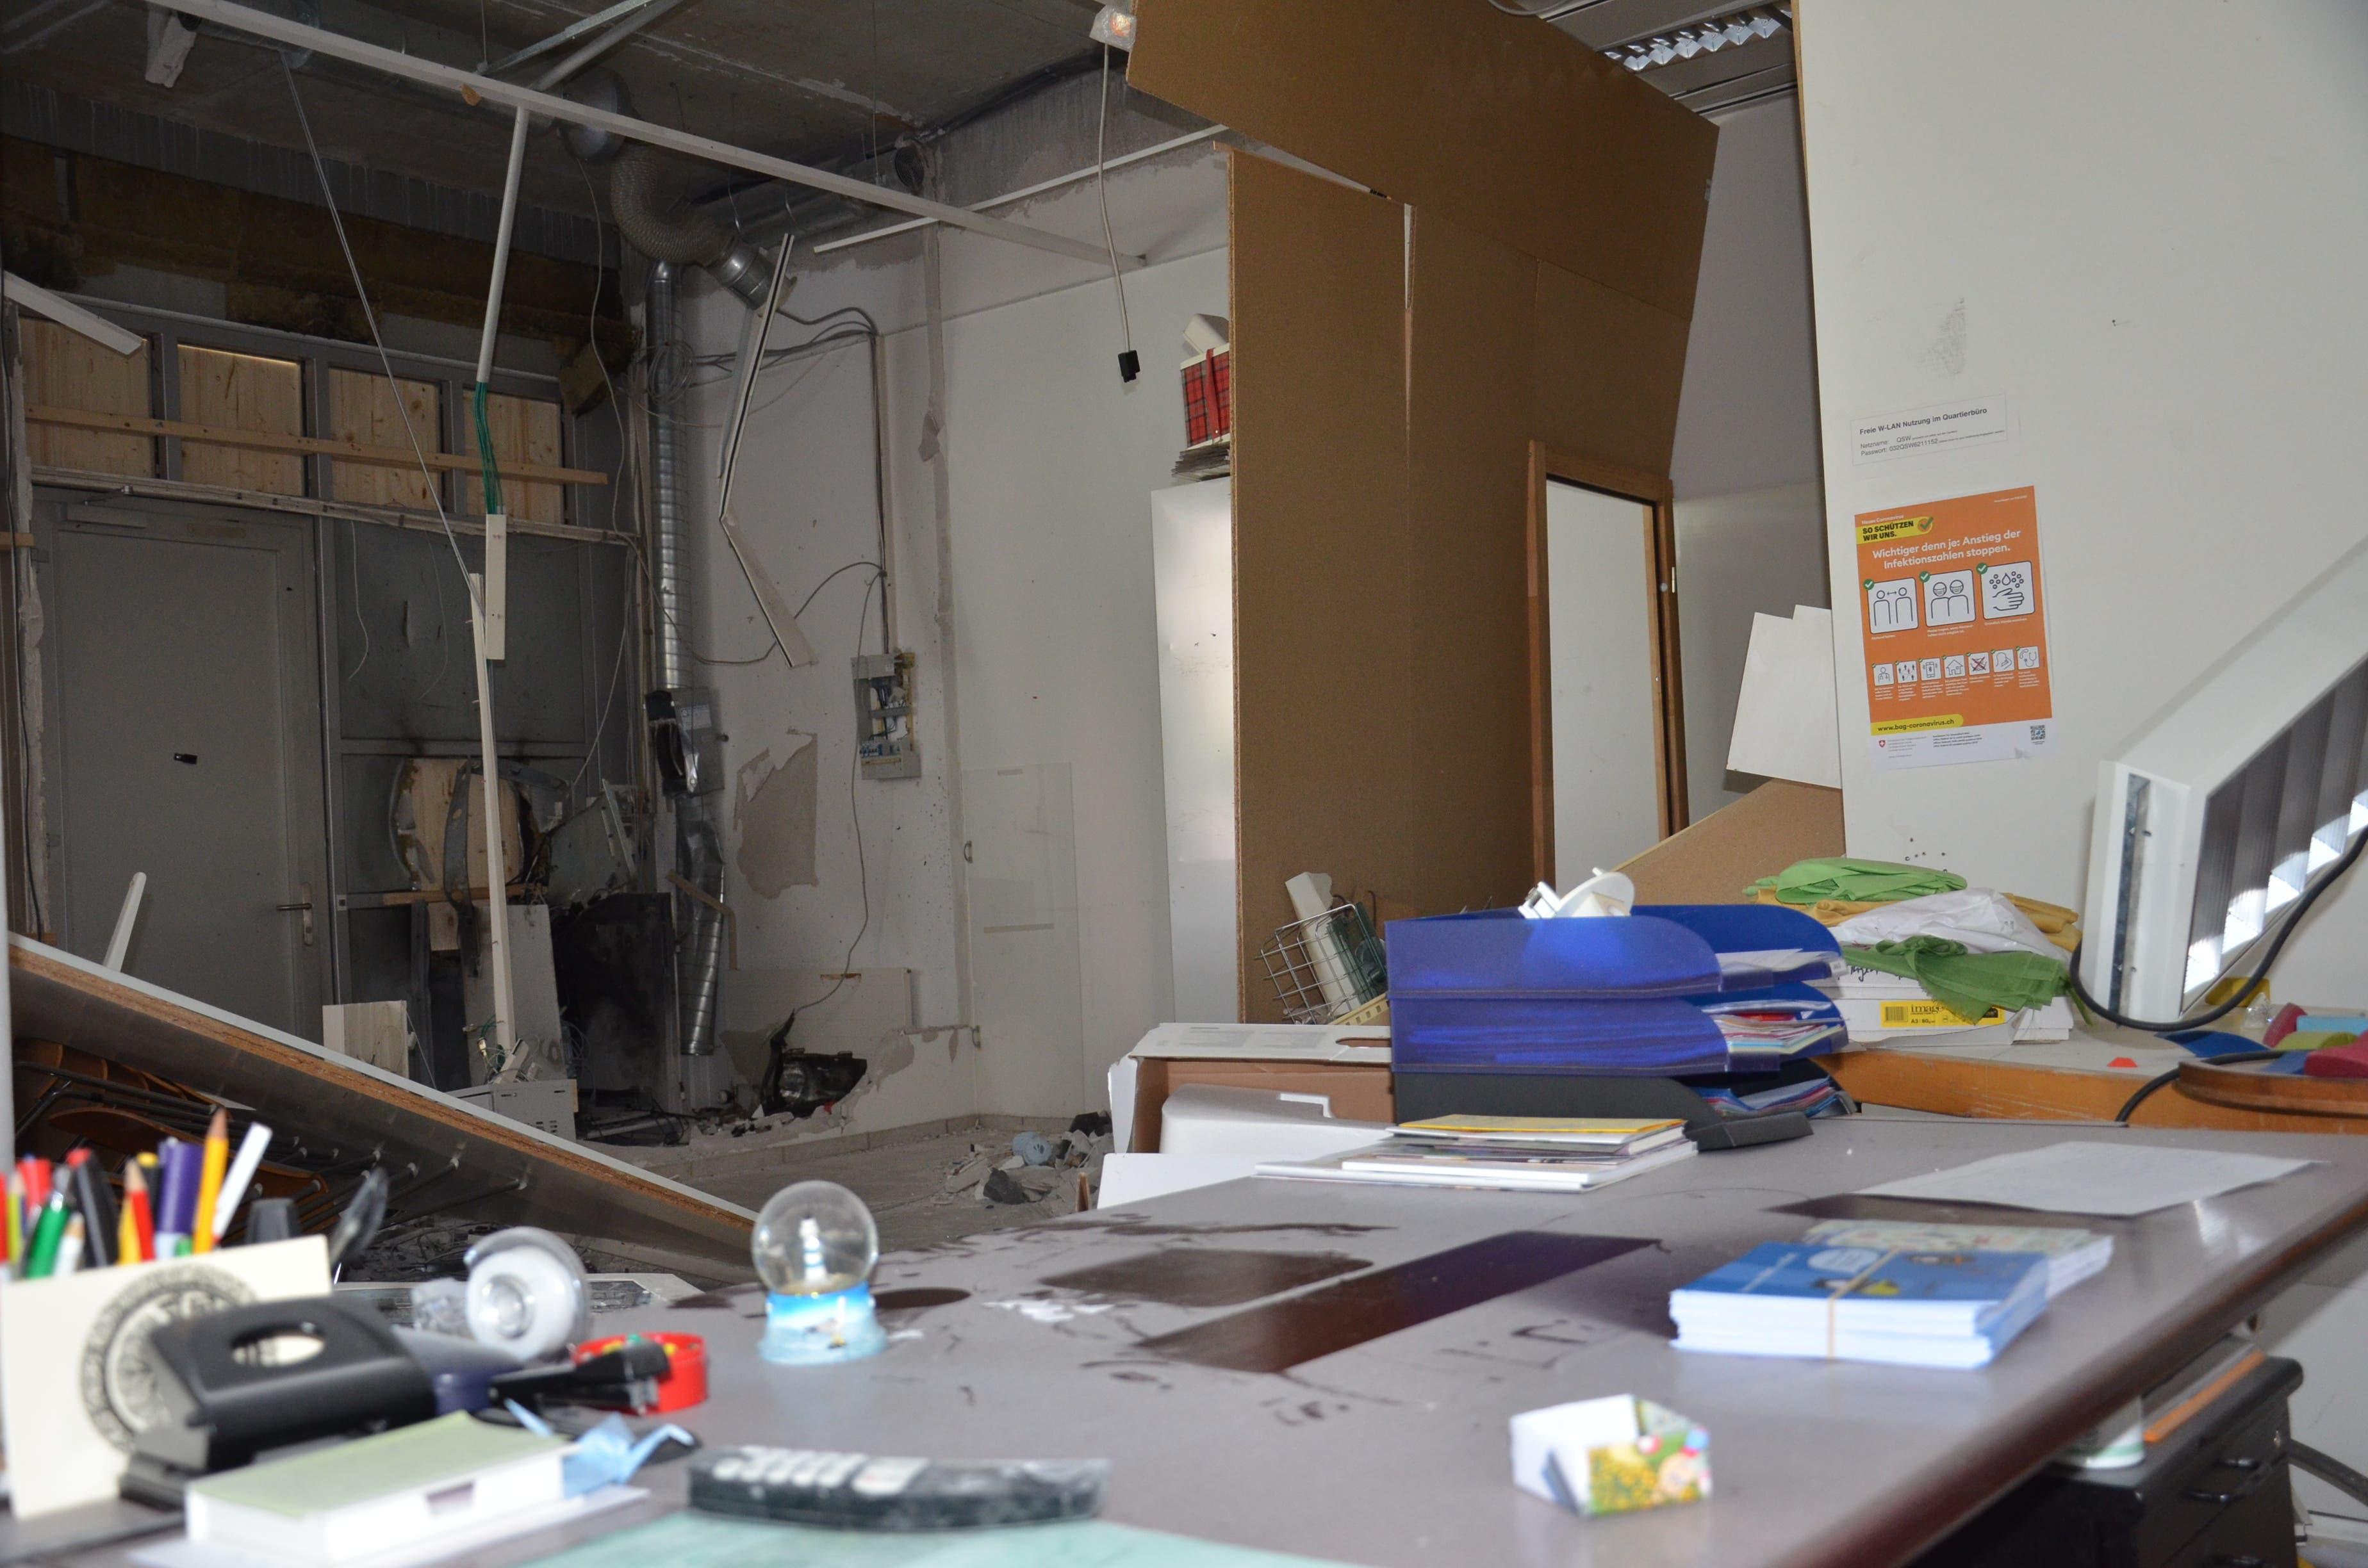 Der Schreibtisch ist bedeckt von einer Staubschicht.